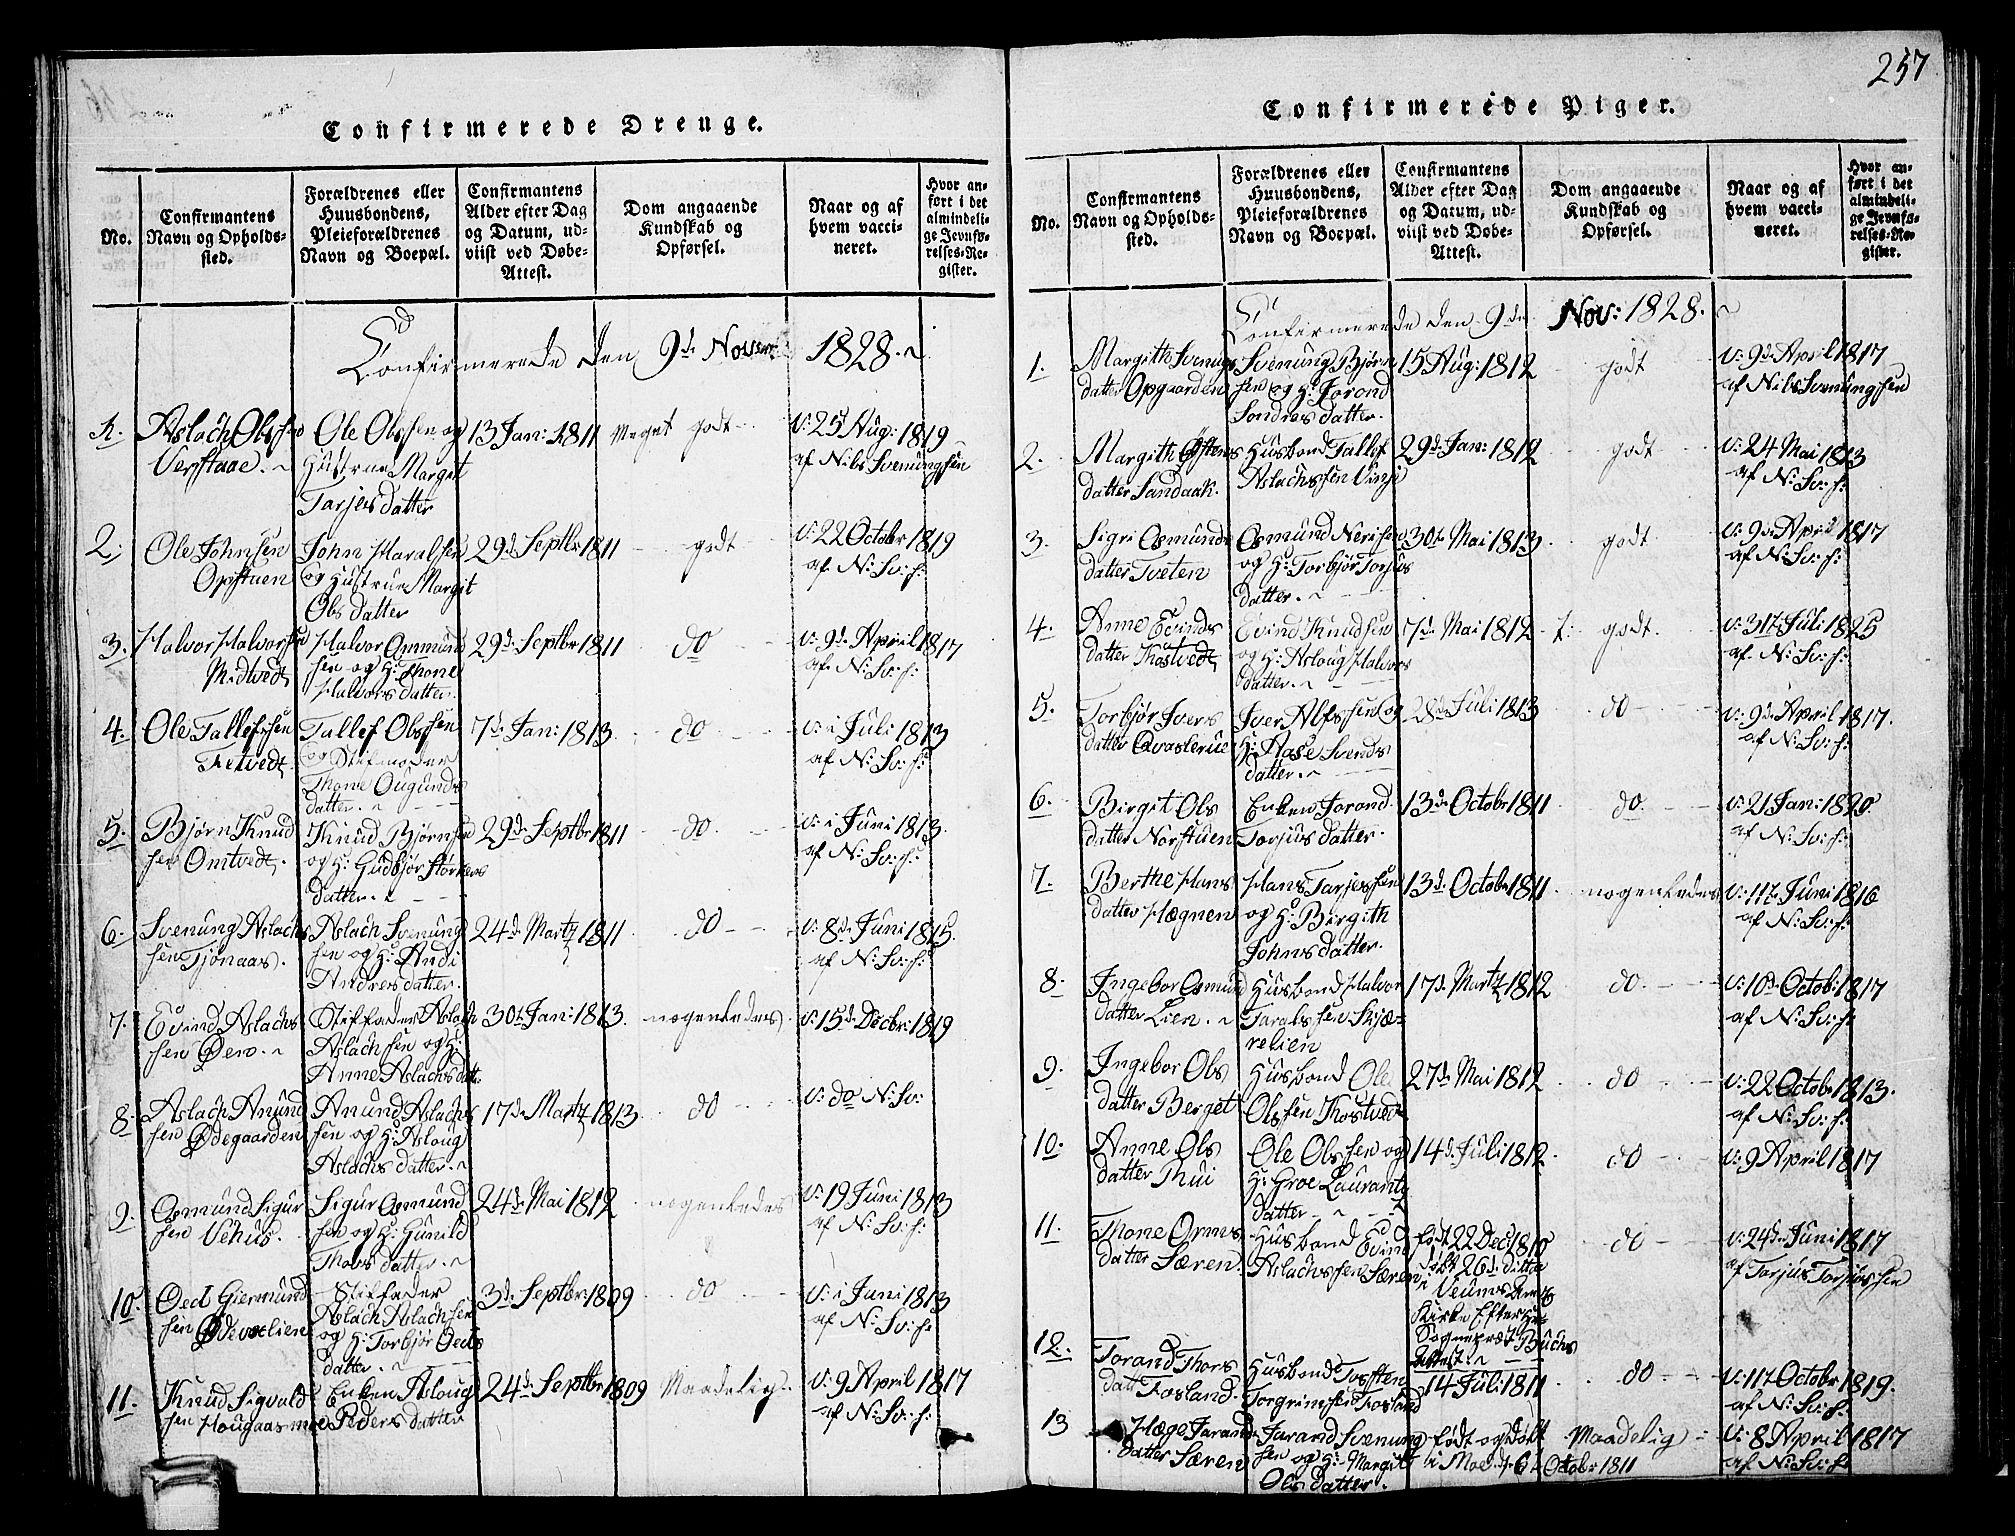 SAKO, Vinje kirkebøker, G/Ga/L0001: Klokkerbok nr. I 1, 1814-1843, s. 257